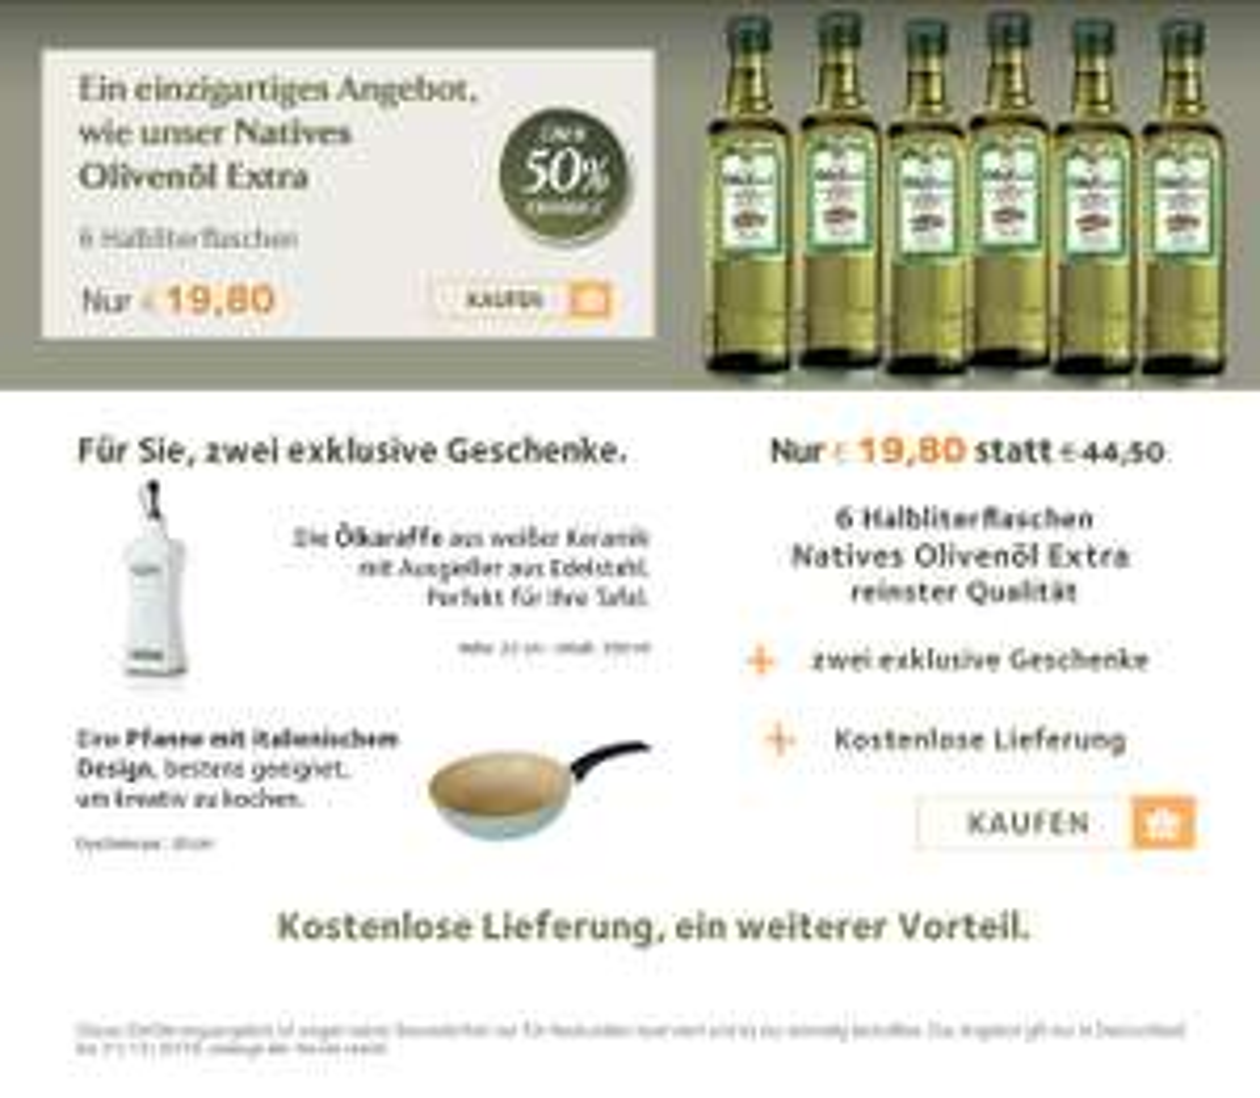 (Fratelli Carli) Neukundenangebot: Olivenöl (6x0,5) + Pfanne + Karaffe?